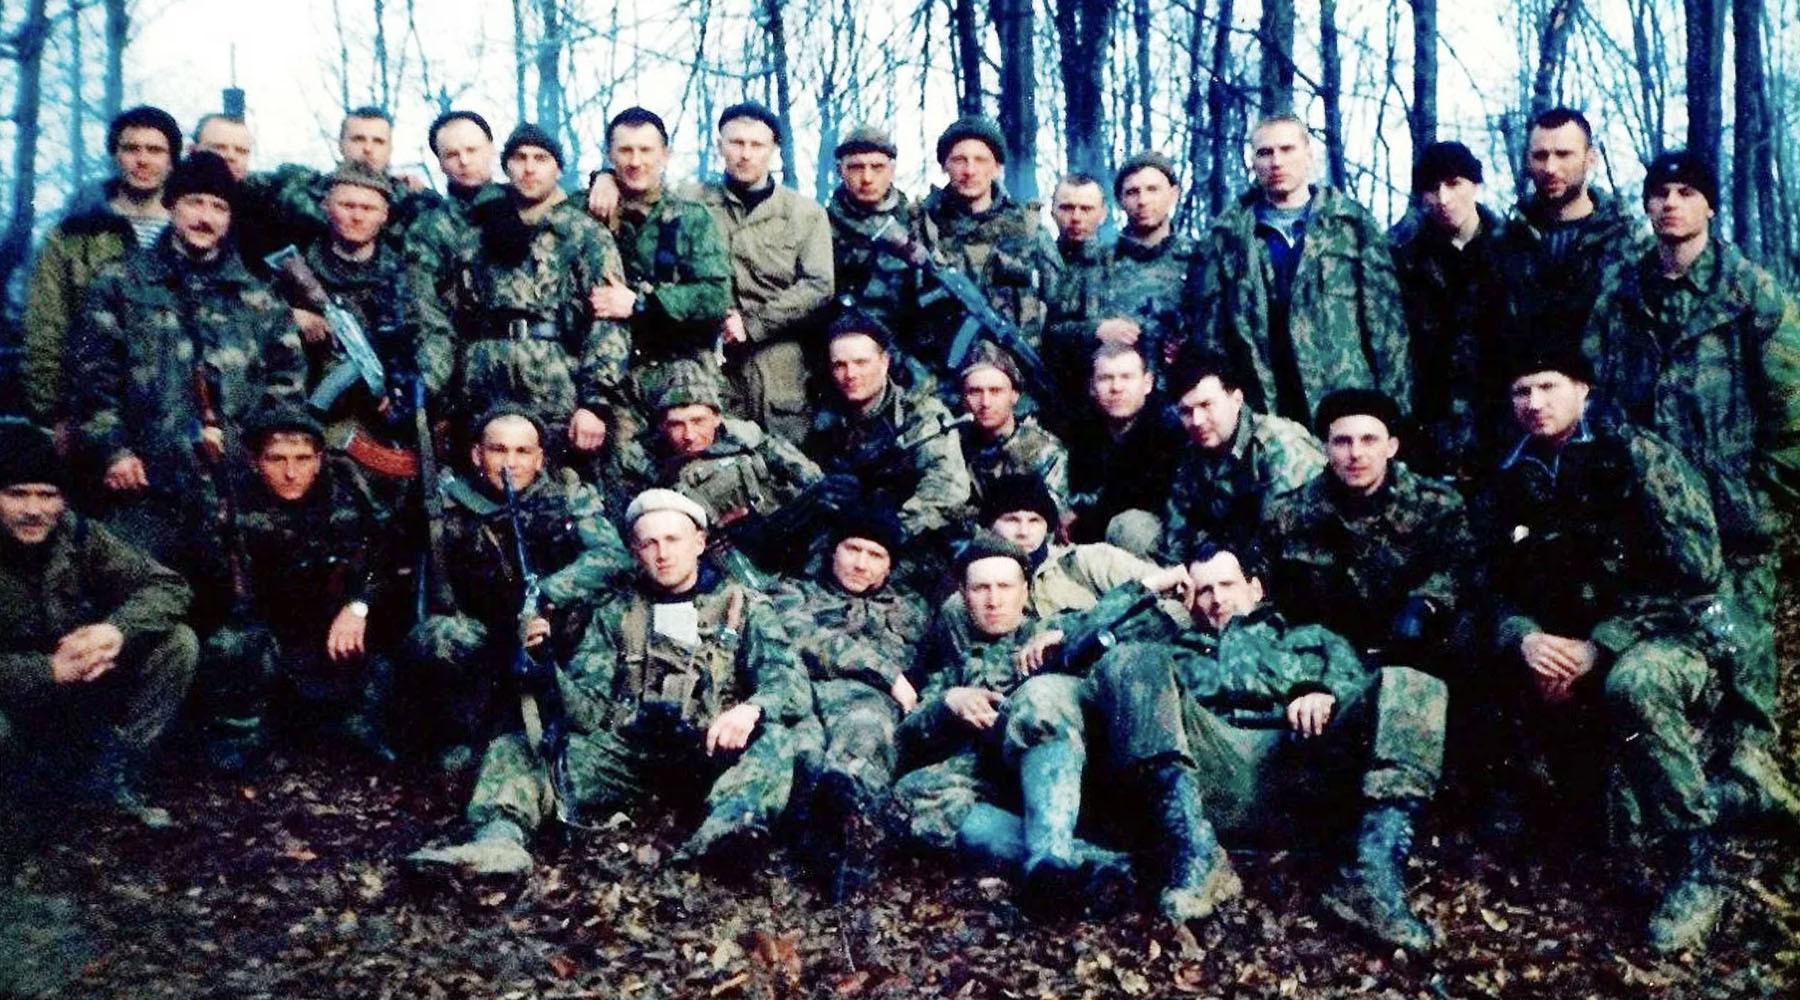 Вести.Ru: Задержание участников банды Басаева и Хаттаба. Видео ФСБ | 1000x1800